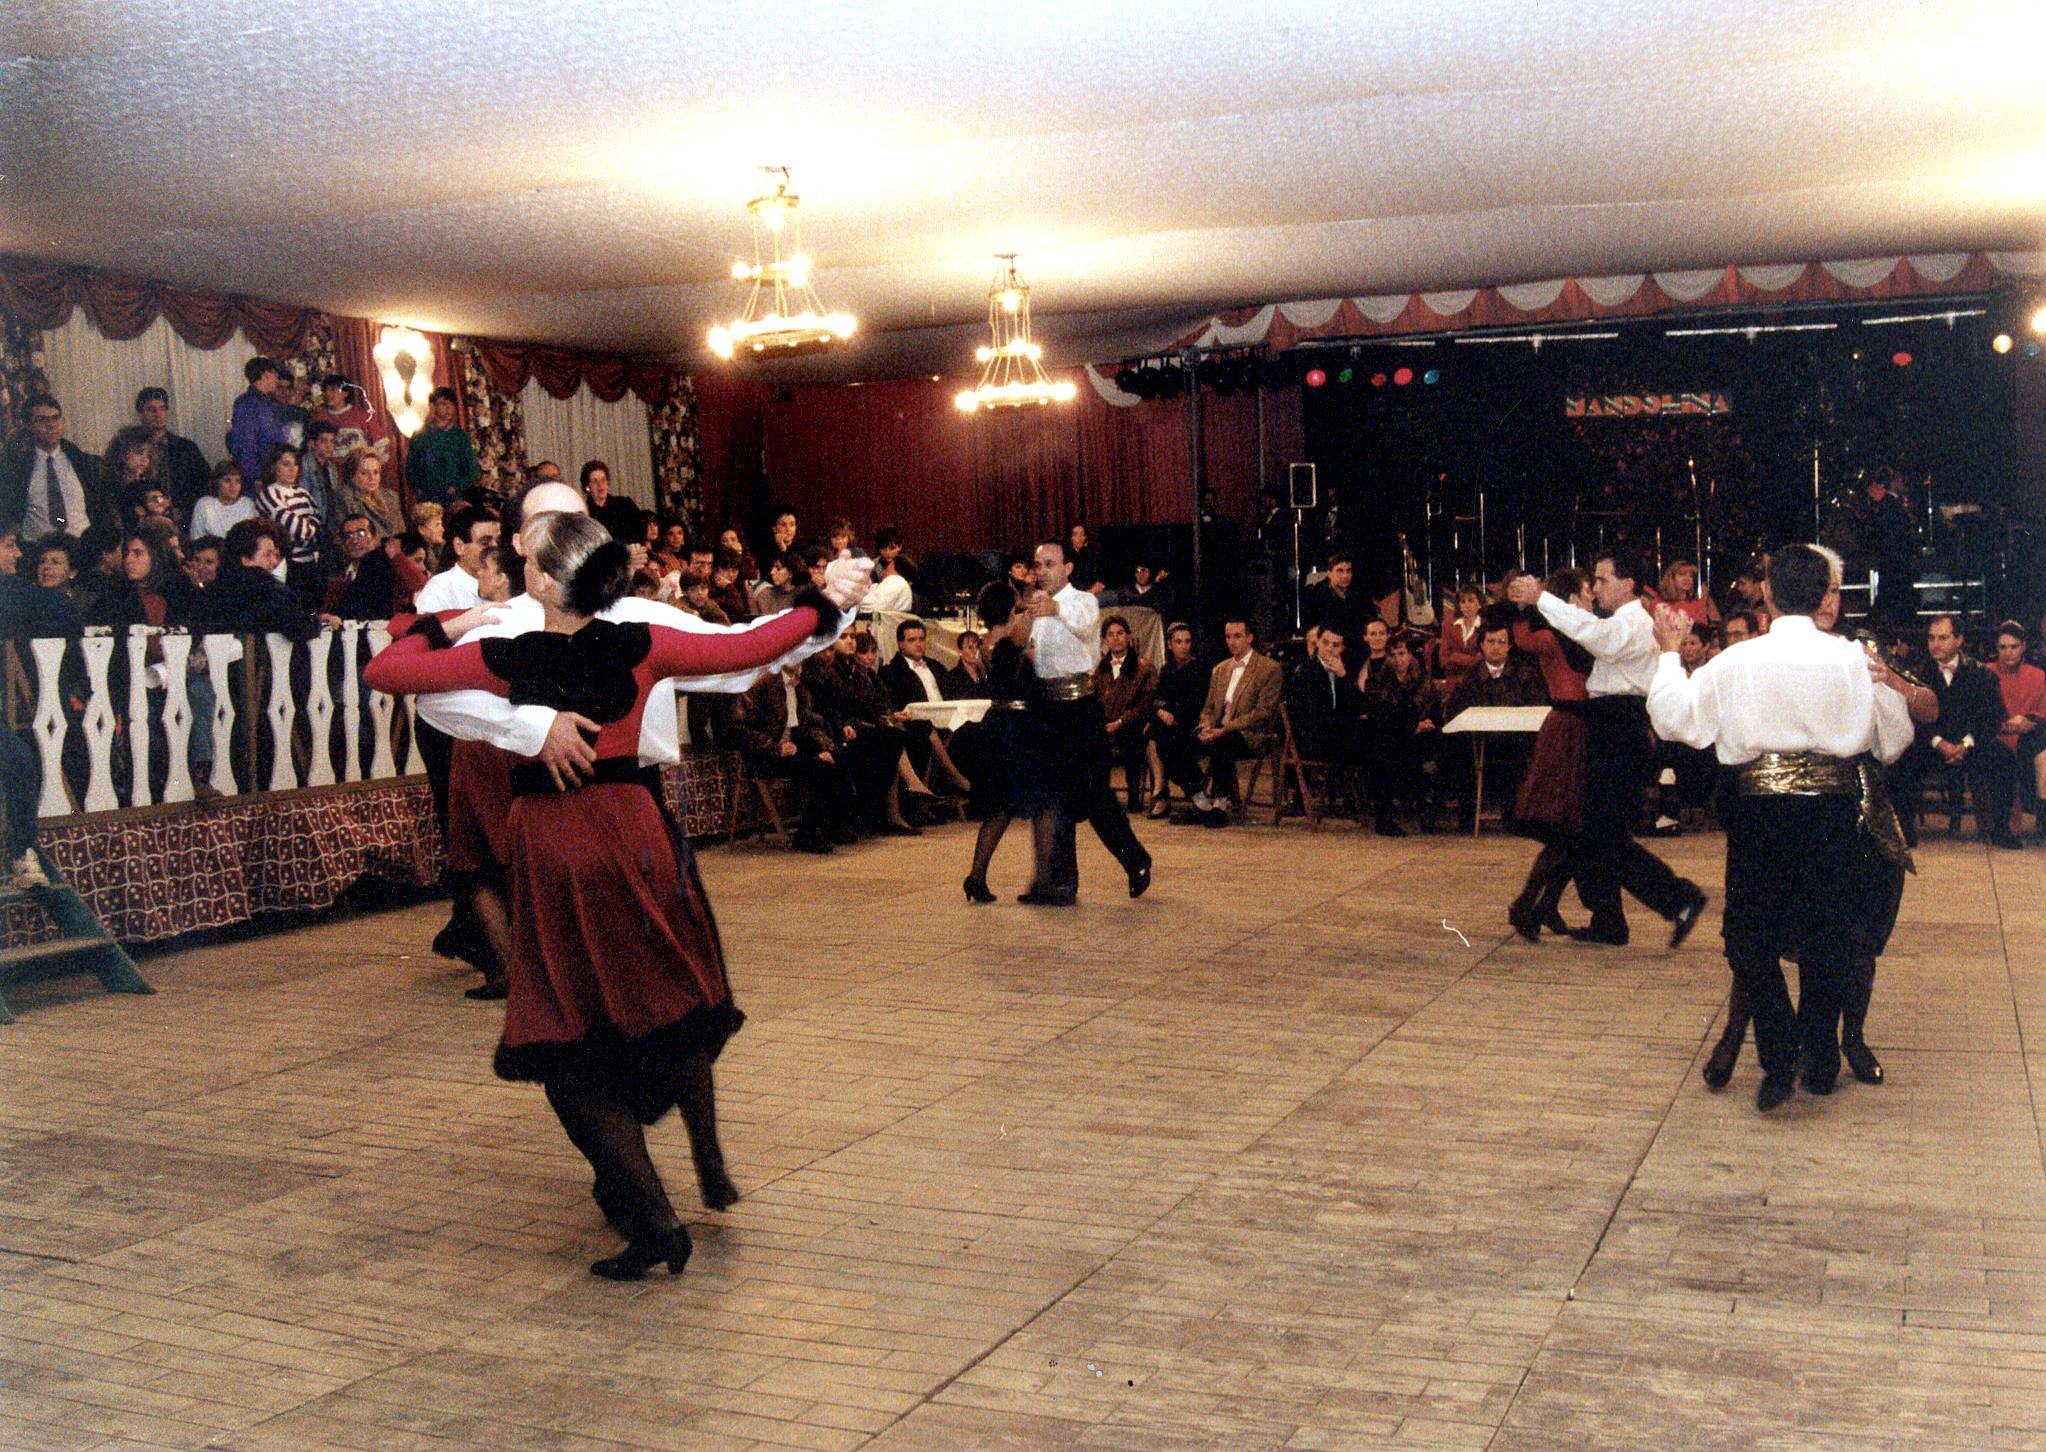 L'envelat de la plaça Sant Ramon acollia actuacions, ballades  i altres activitats. Imatge de l'any 1991. Autor: Pepe Urbano